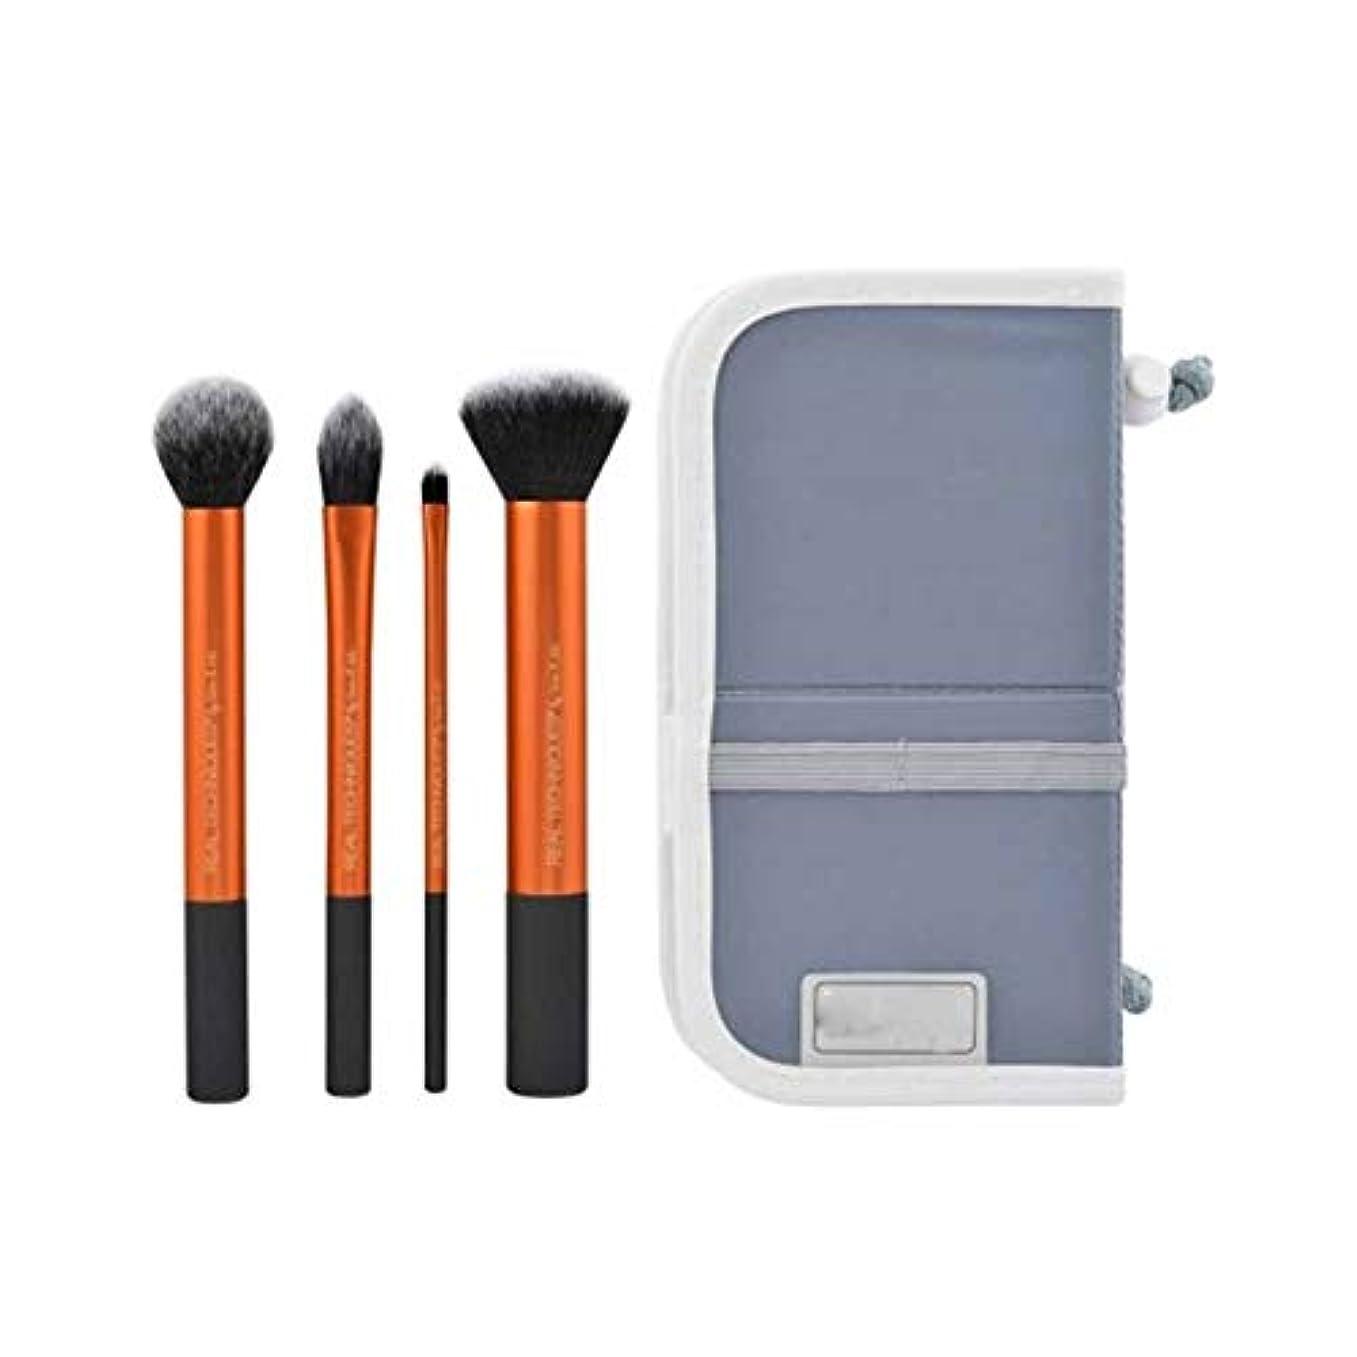 蒸先例突然TUOFL メイクブラシ、メイクメイクブラシセット、輪郭ブラシリップブラシ、散布ブラシ、チークブラシ、4点セット、簡単に運ぶために (Color : Orange)